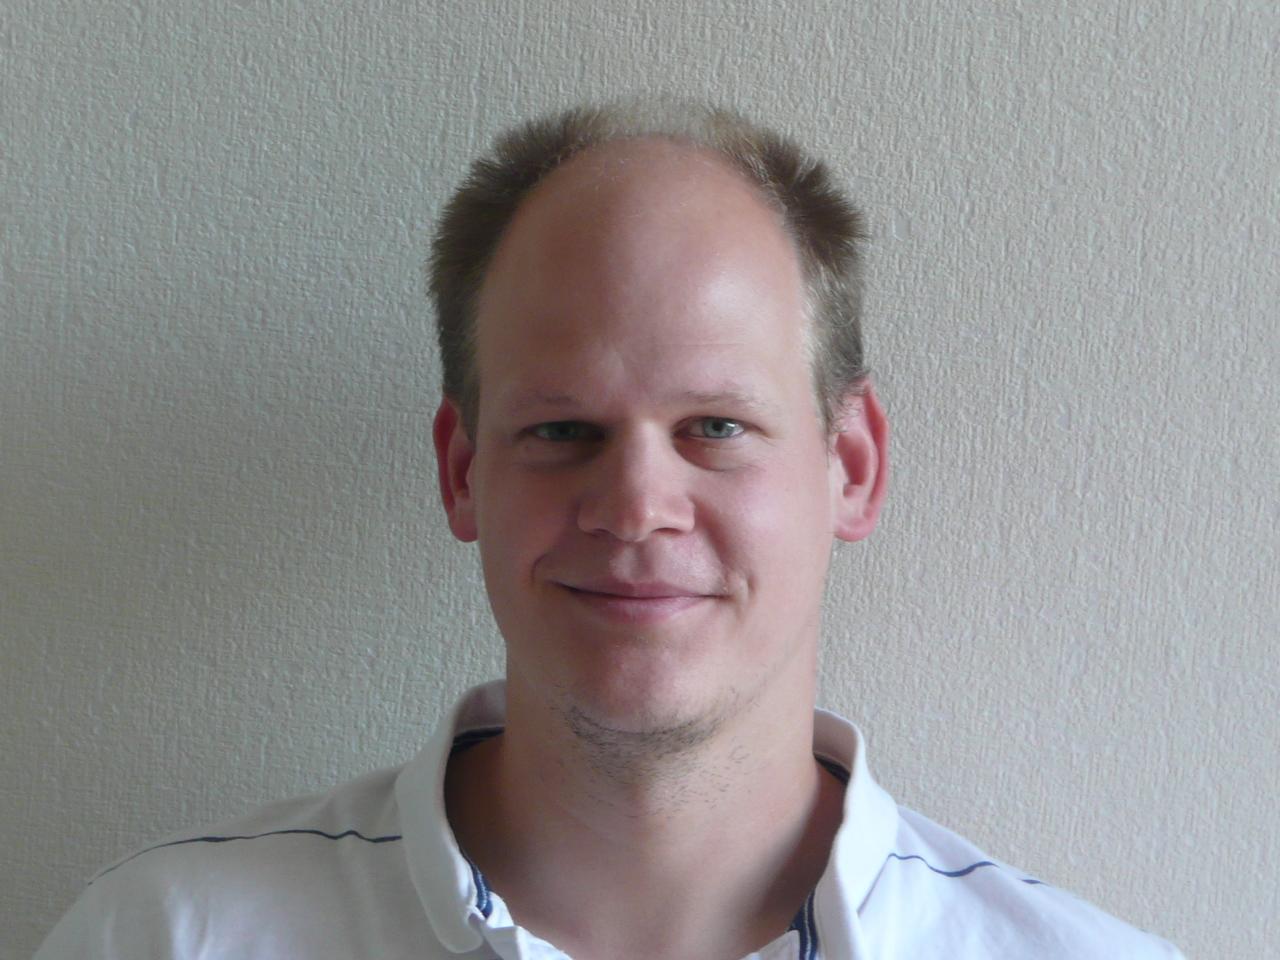 Mirko Friedrich